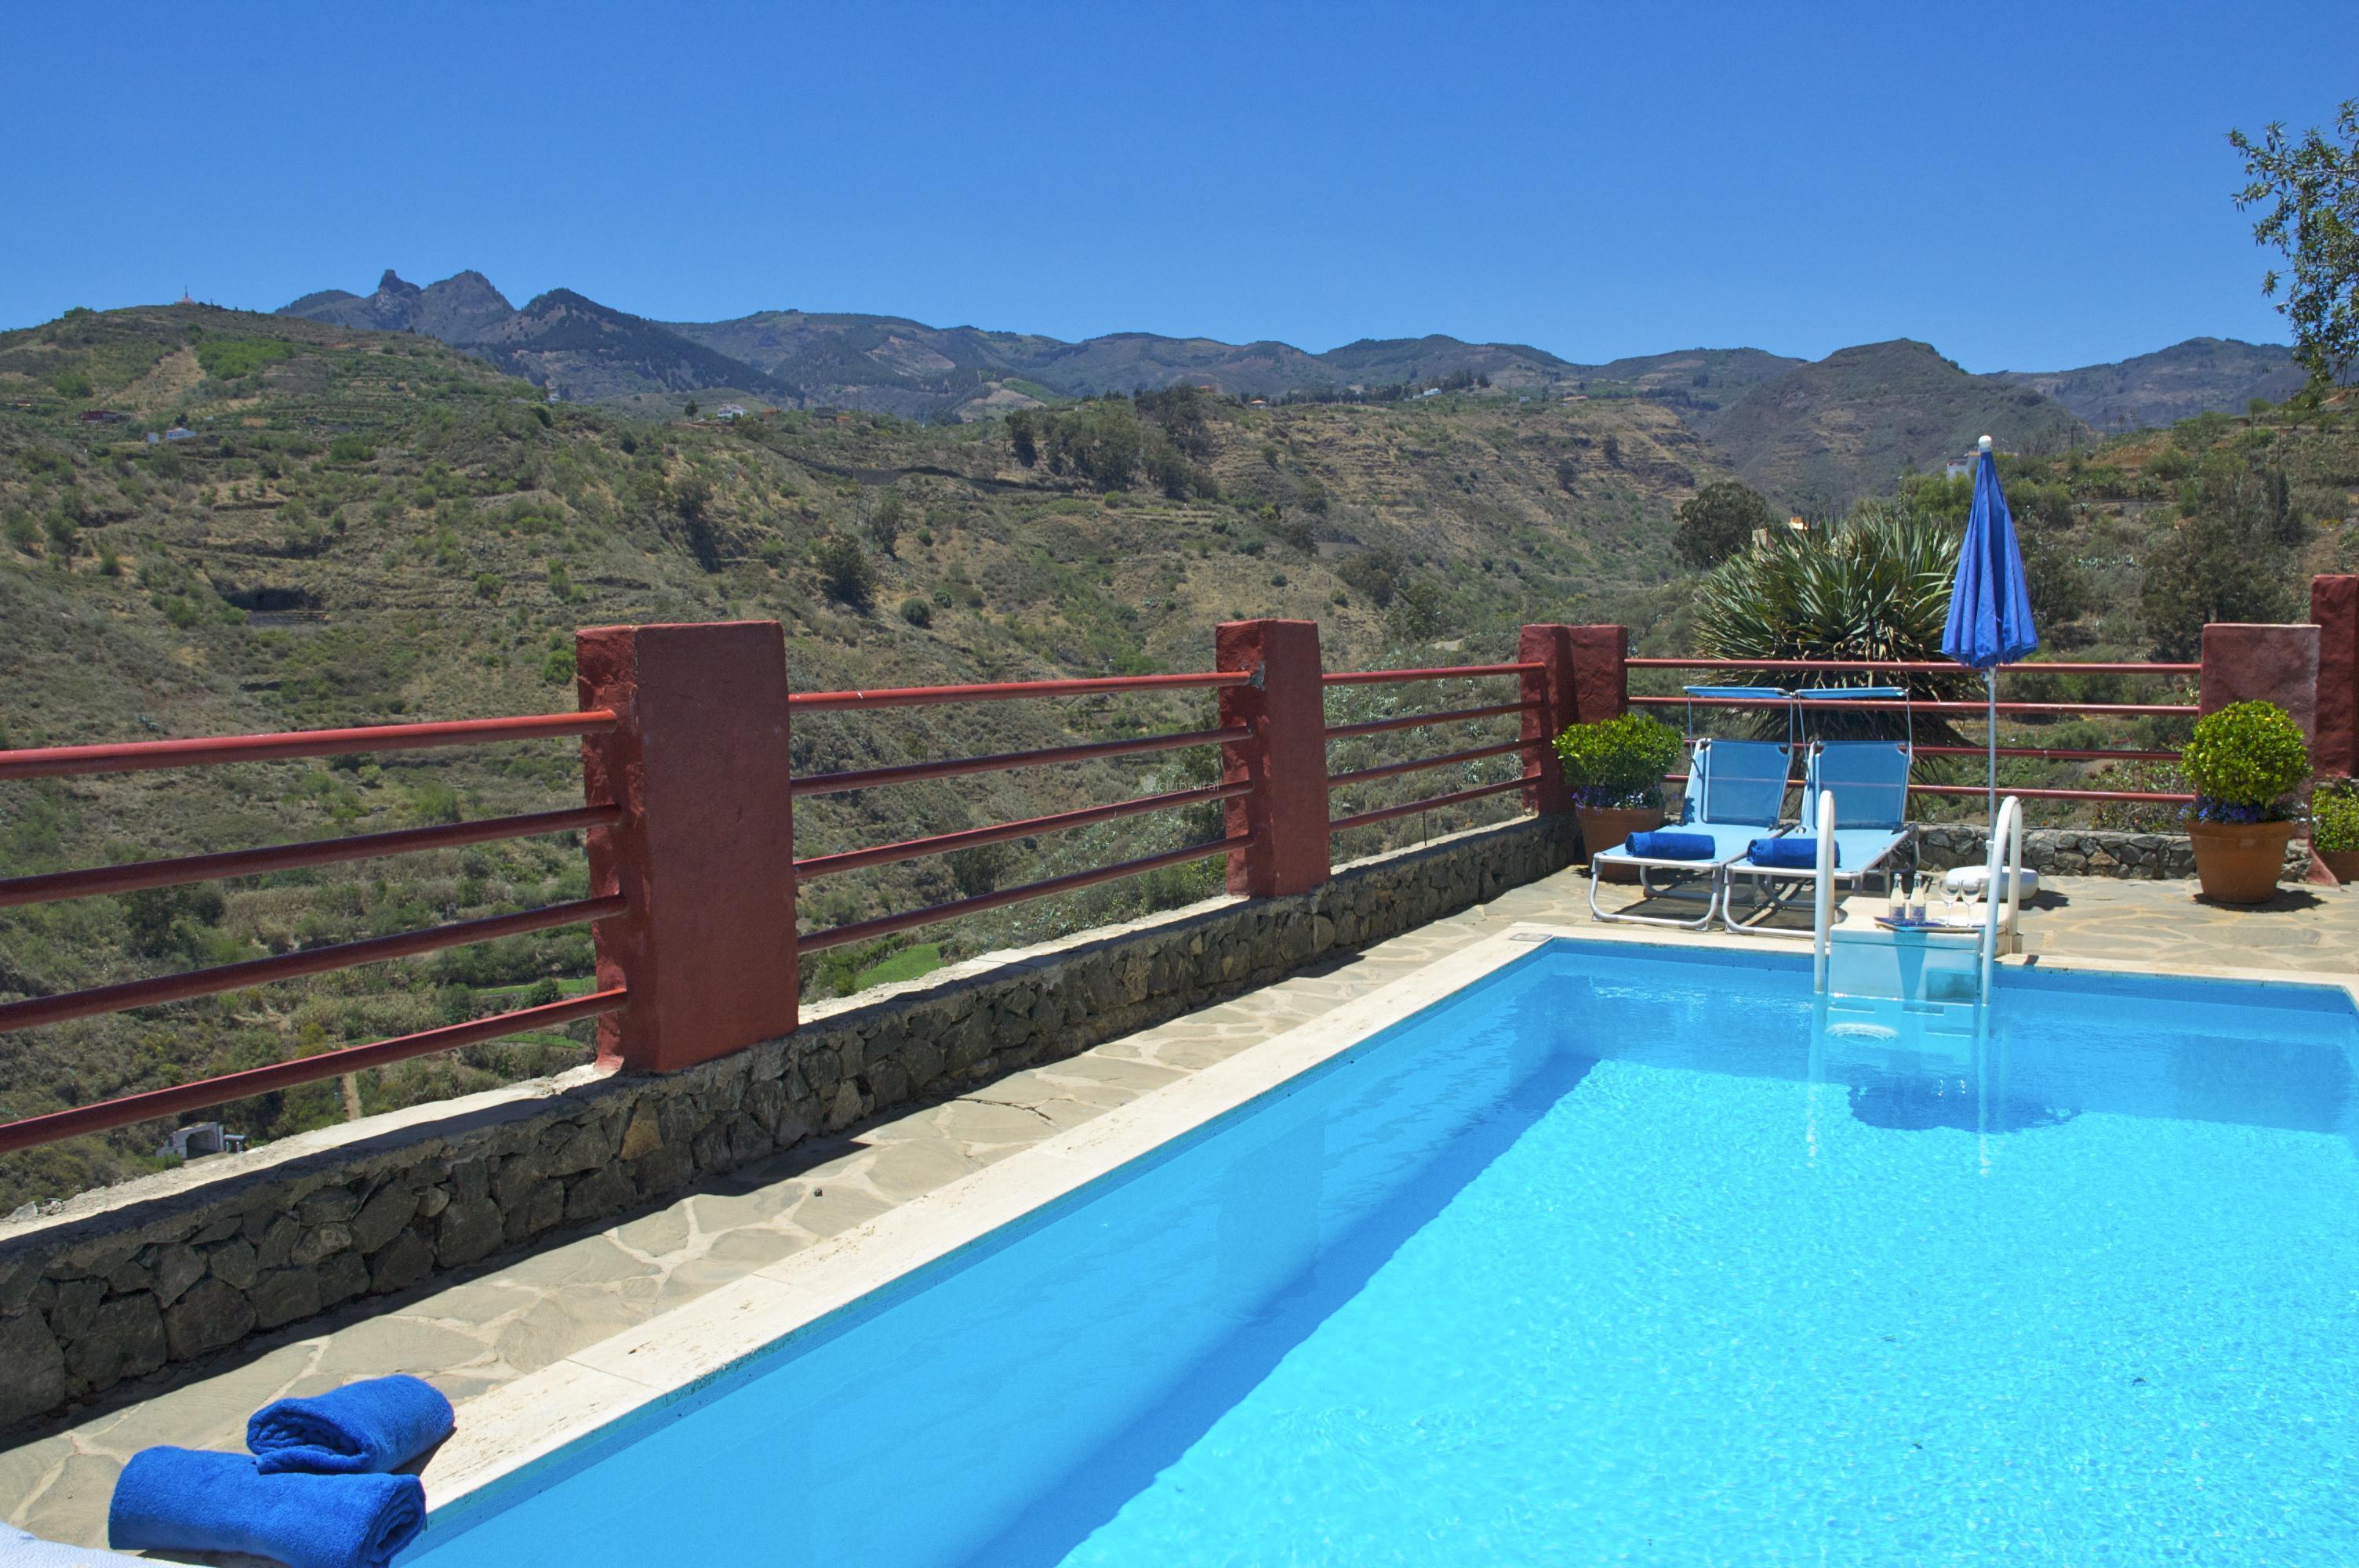 Fotos de la casa del moral gran canaria santa brigida clubrural - Villas en gran canaria con piscina ...